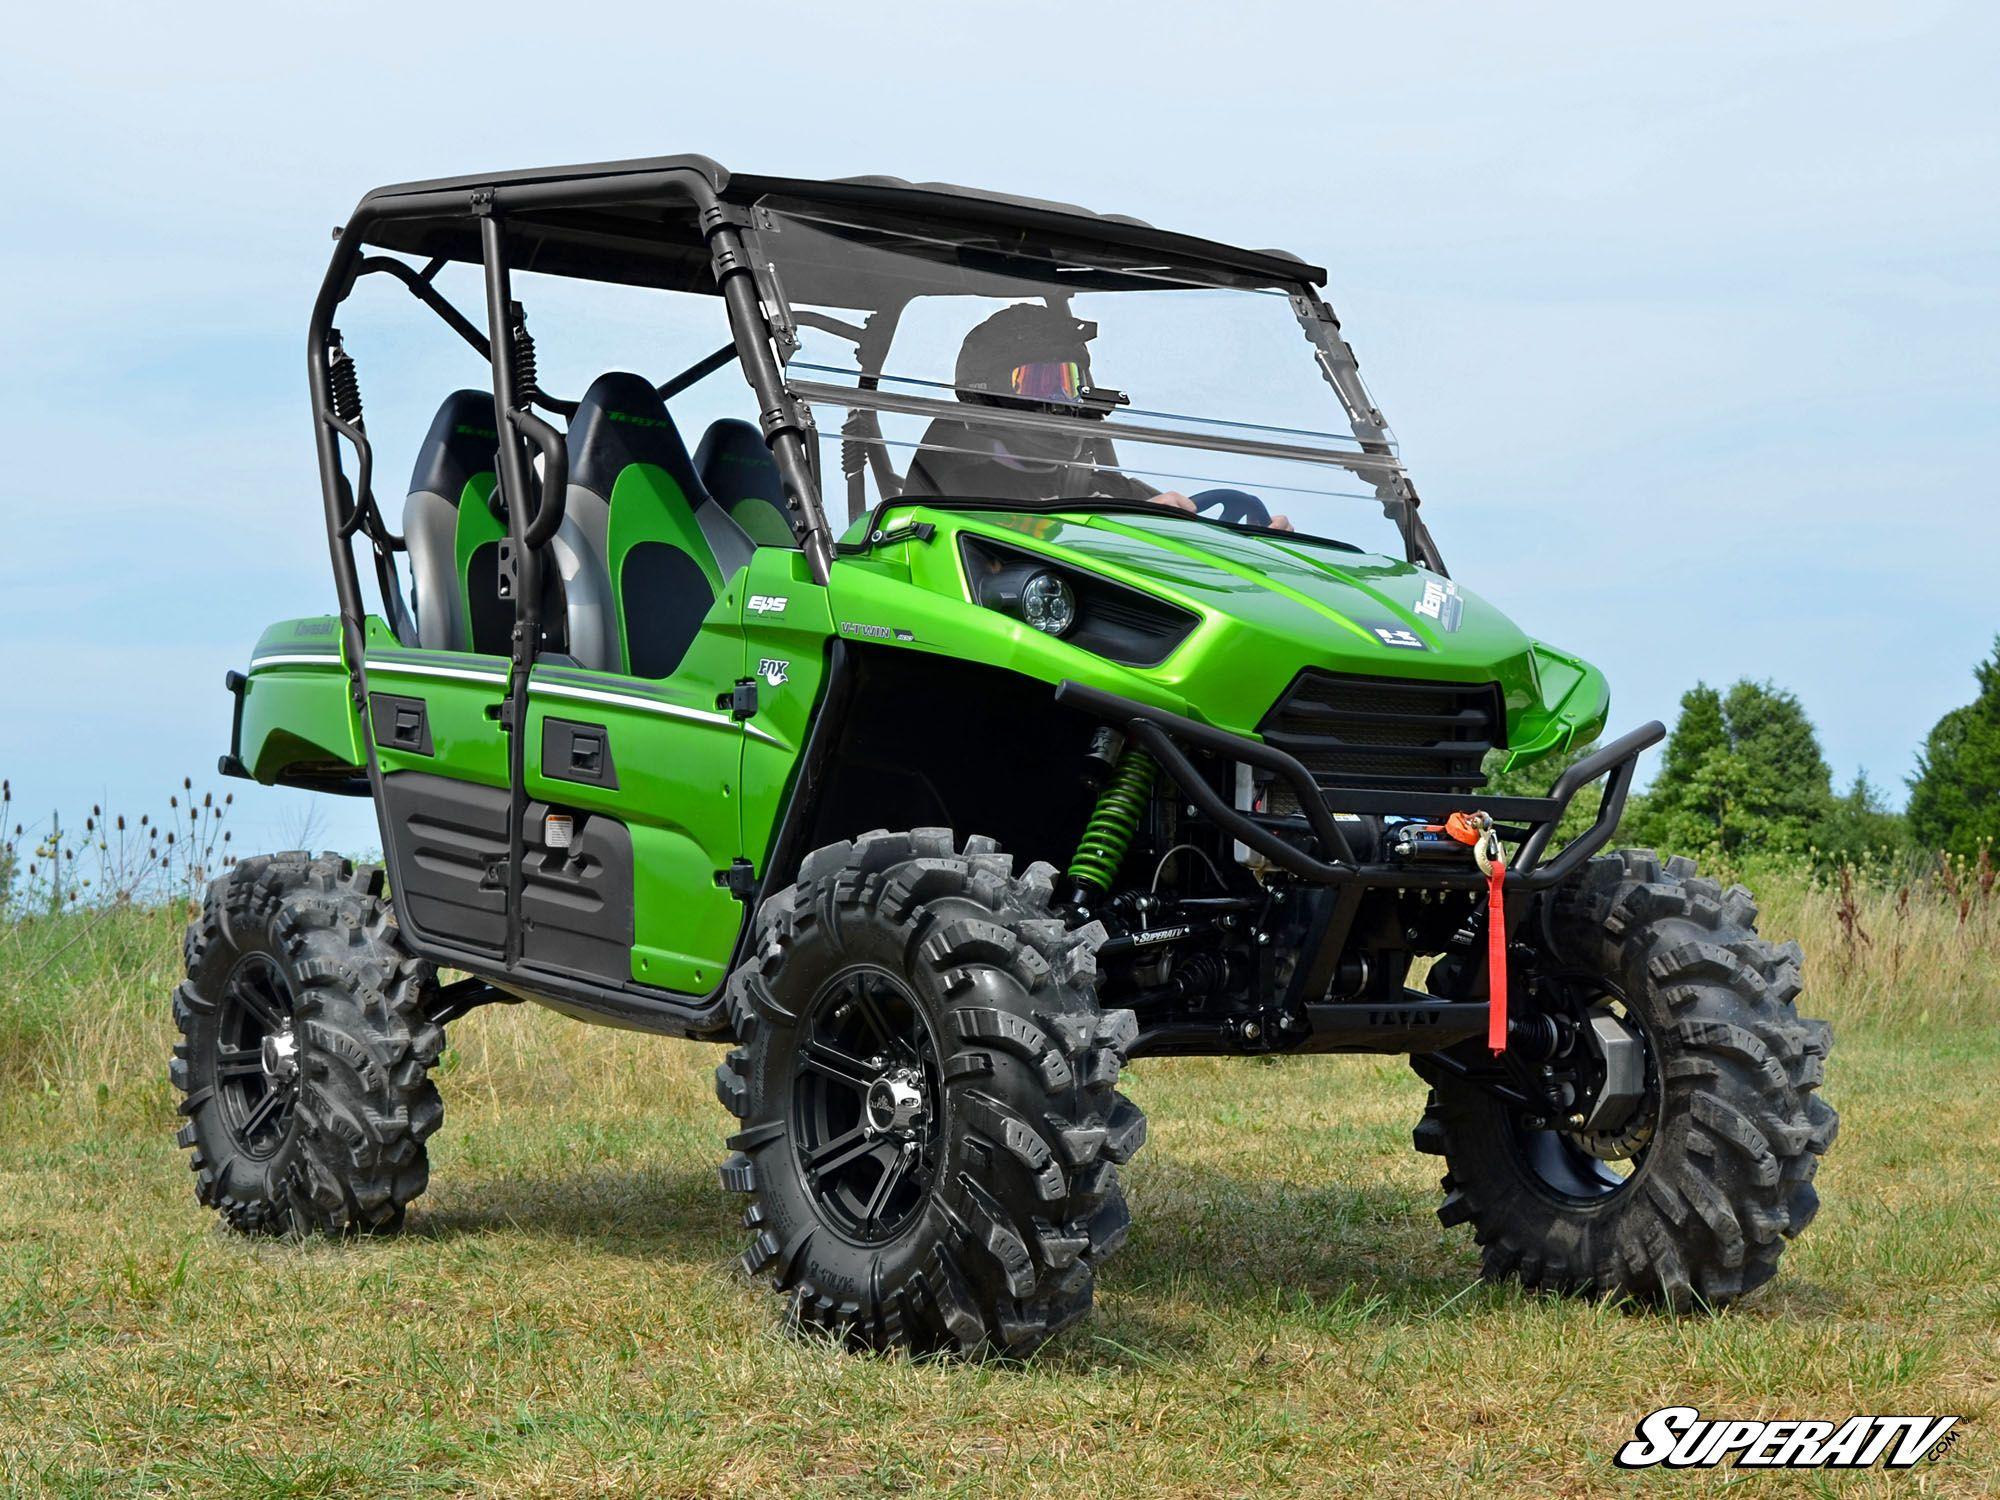 Kawasaki Teryx Wheels Bolt Pattern